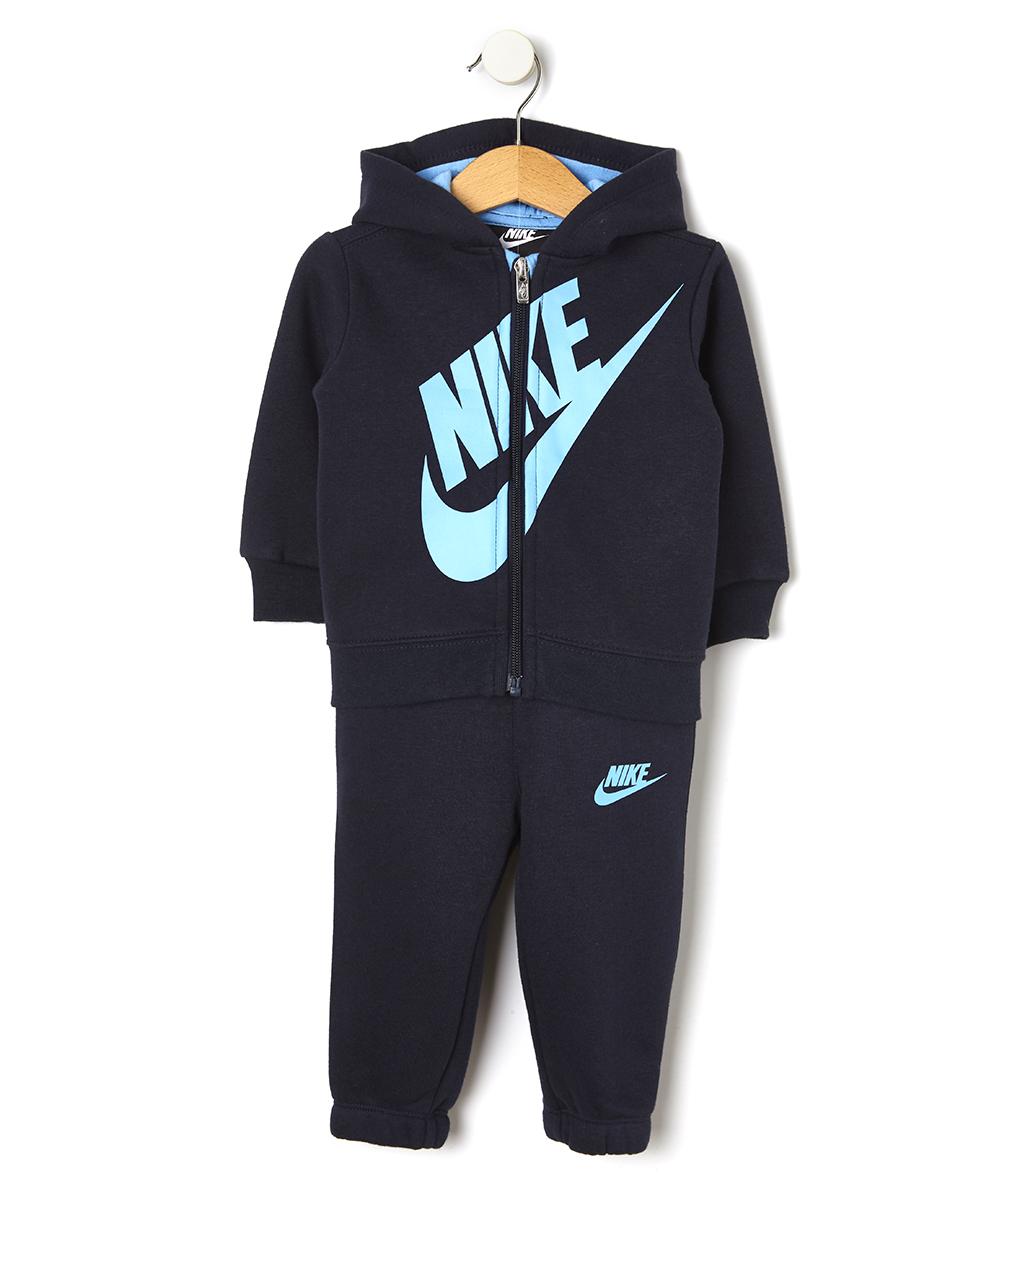 Φόρμα Σετ Nike για Αγόρι